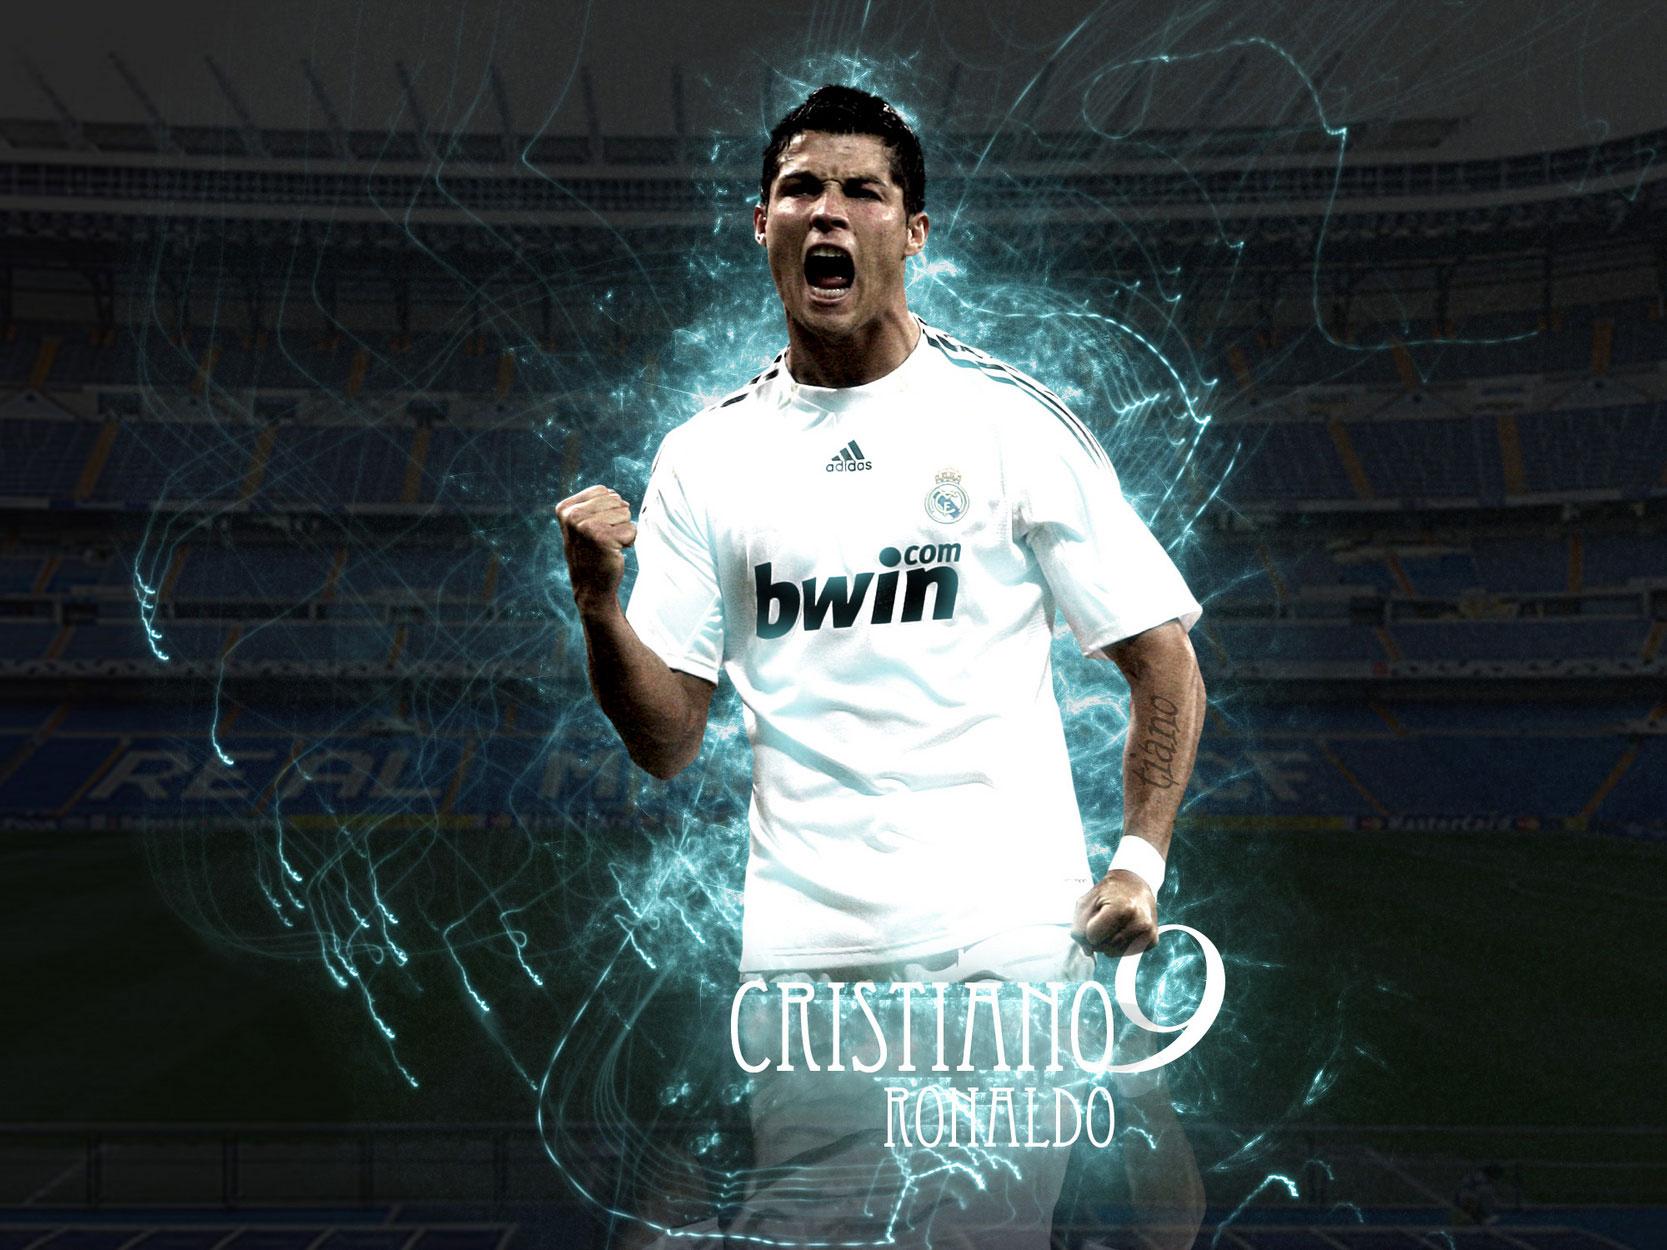 Cristiano Ronaldo Wallpaper 1667x1250